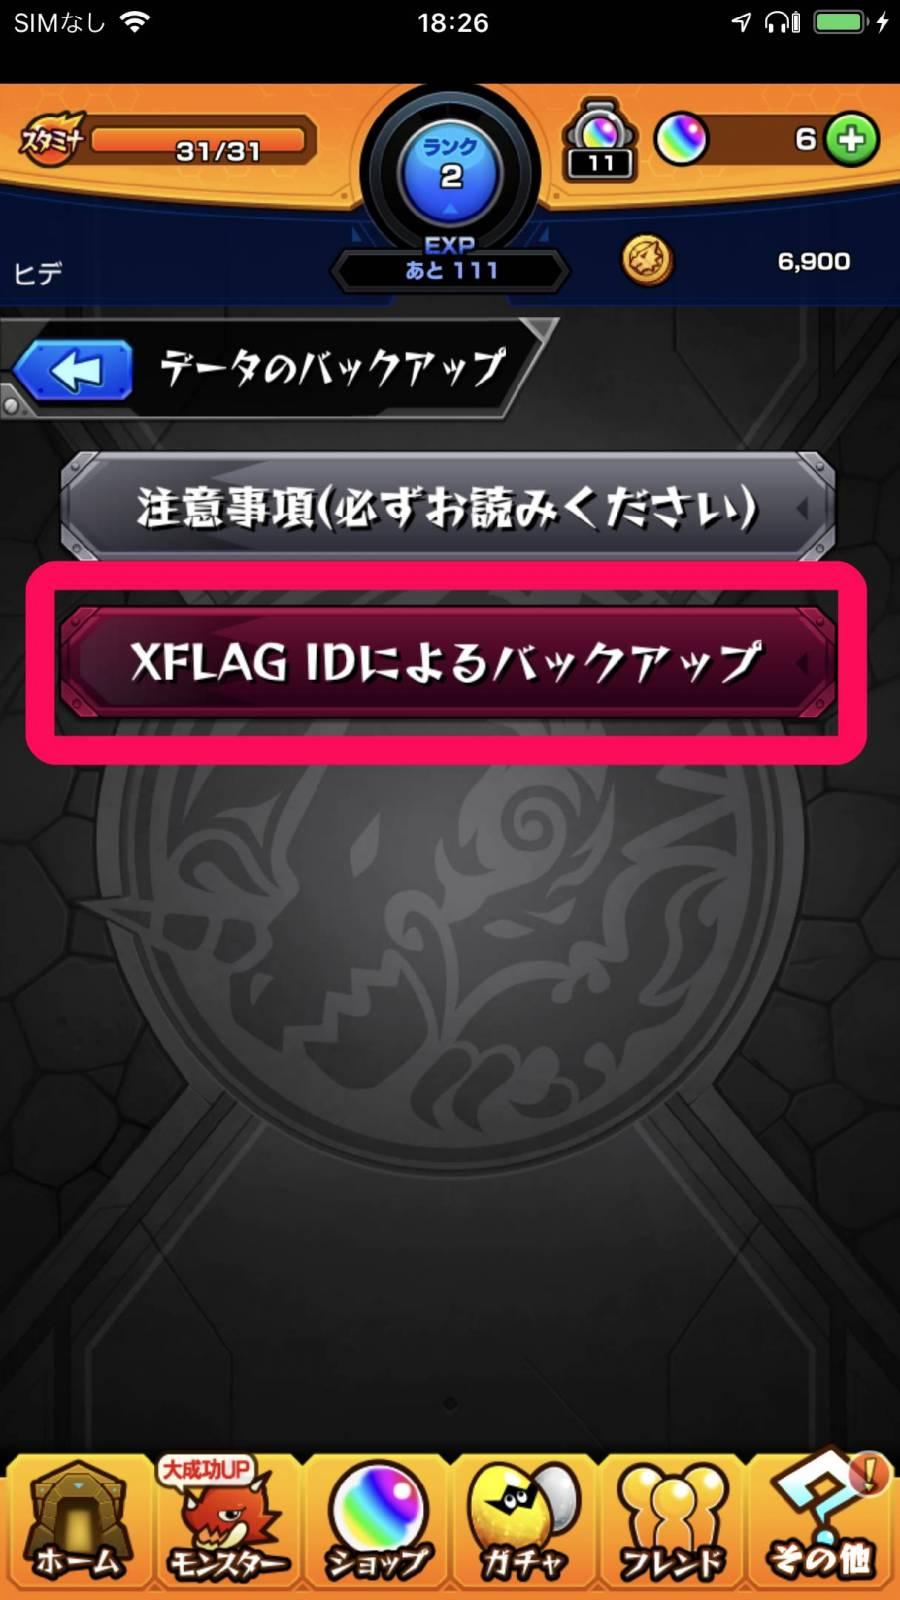 「XFLAG IDによるバックアップ」をタップ